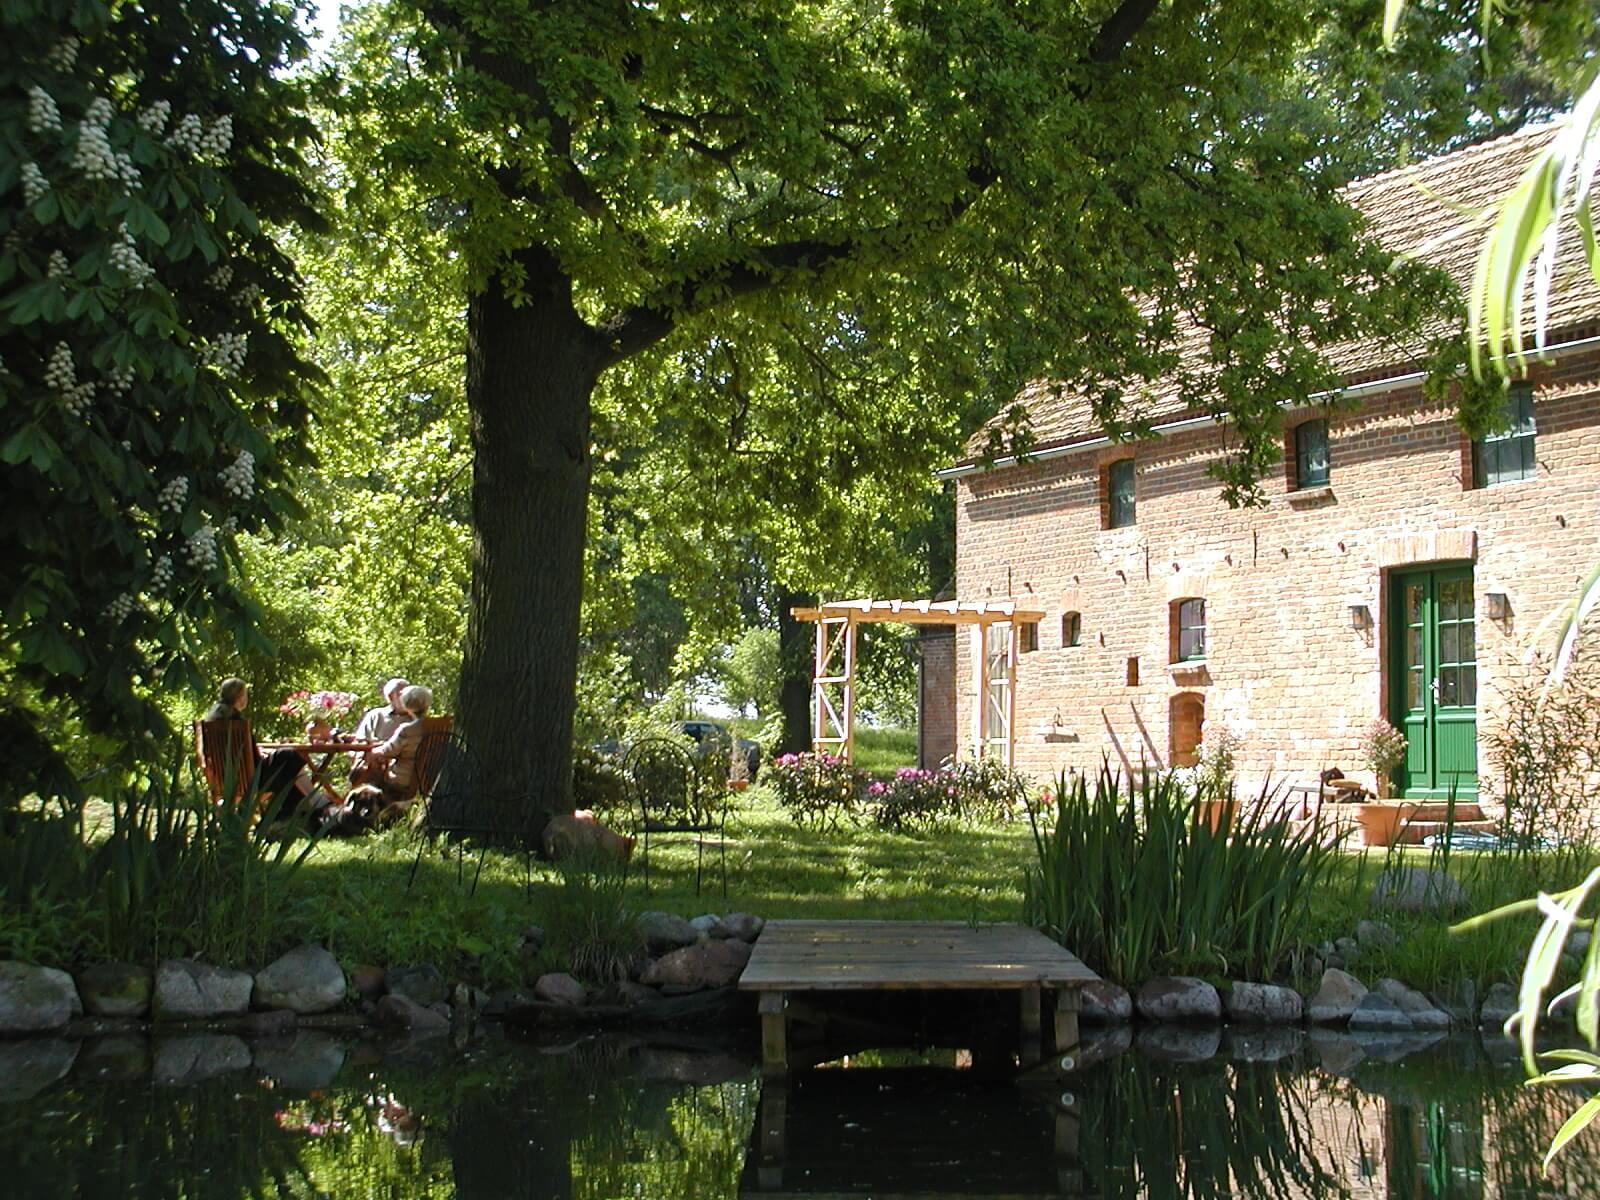 Das Ferienhaus heute. | Ferienwohnungen Müritz - Alte Ziegelei